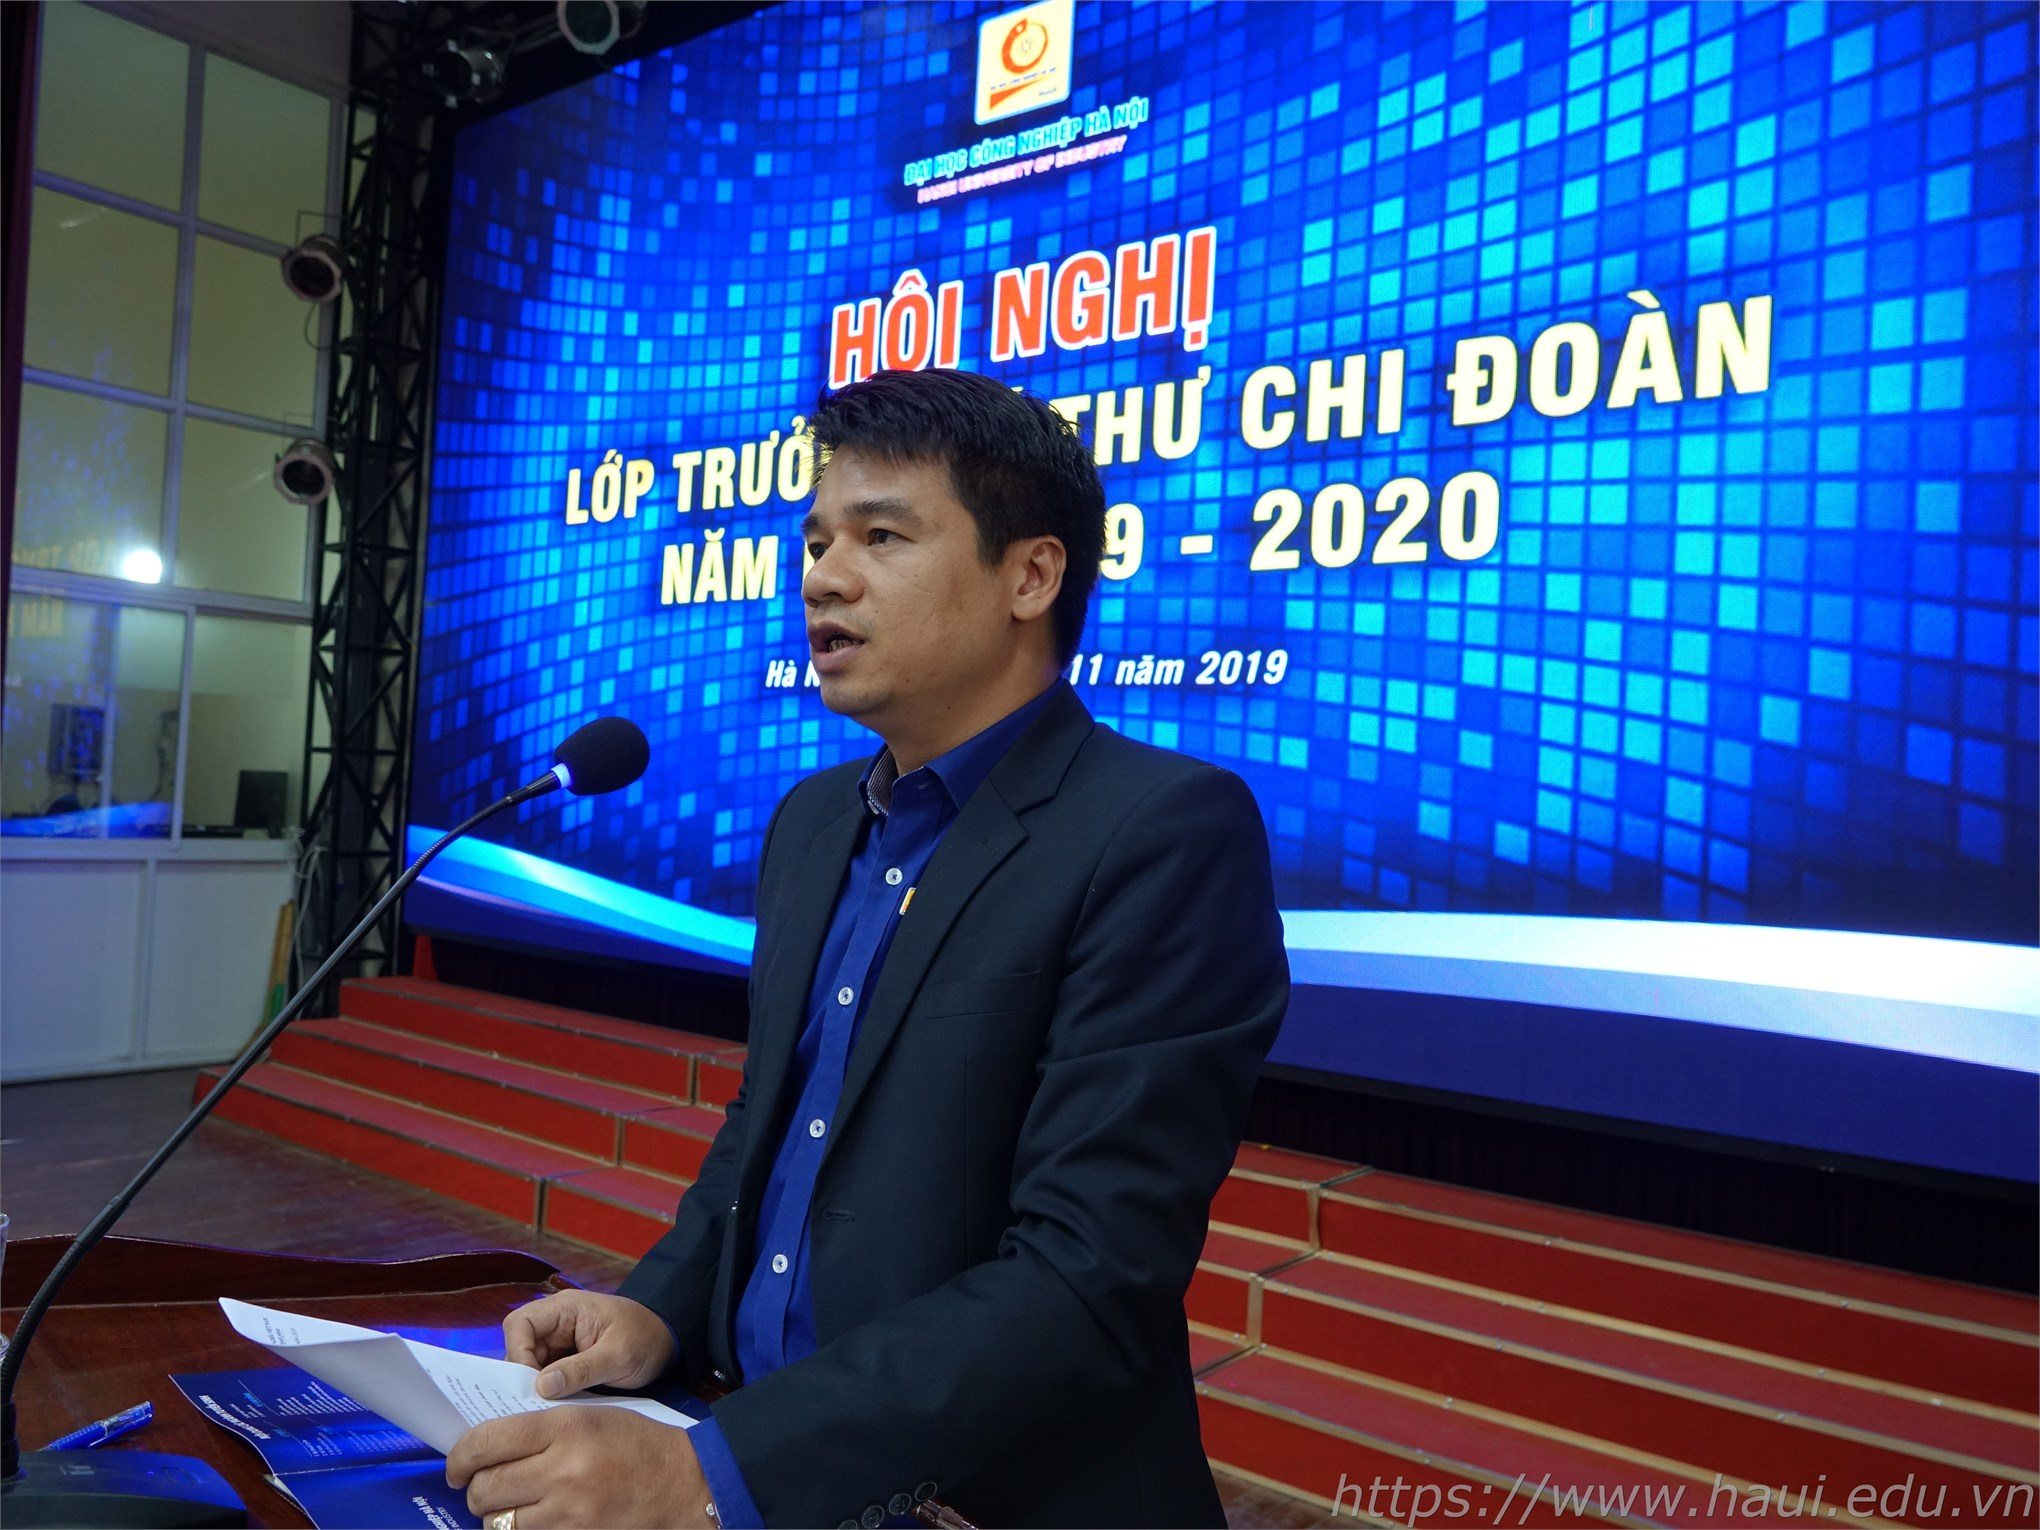 Thầy Trần Ngọc Khánh – Trưởng phòng Công tác học sinh sinh viên trình bày báo cáo tại Hội nghị